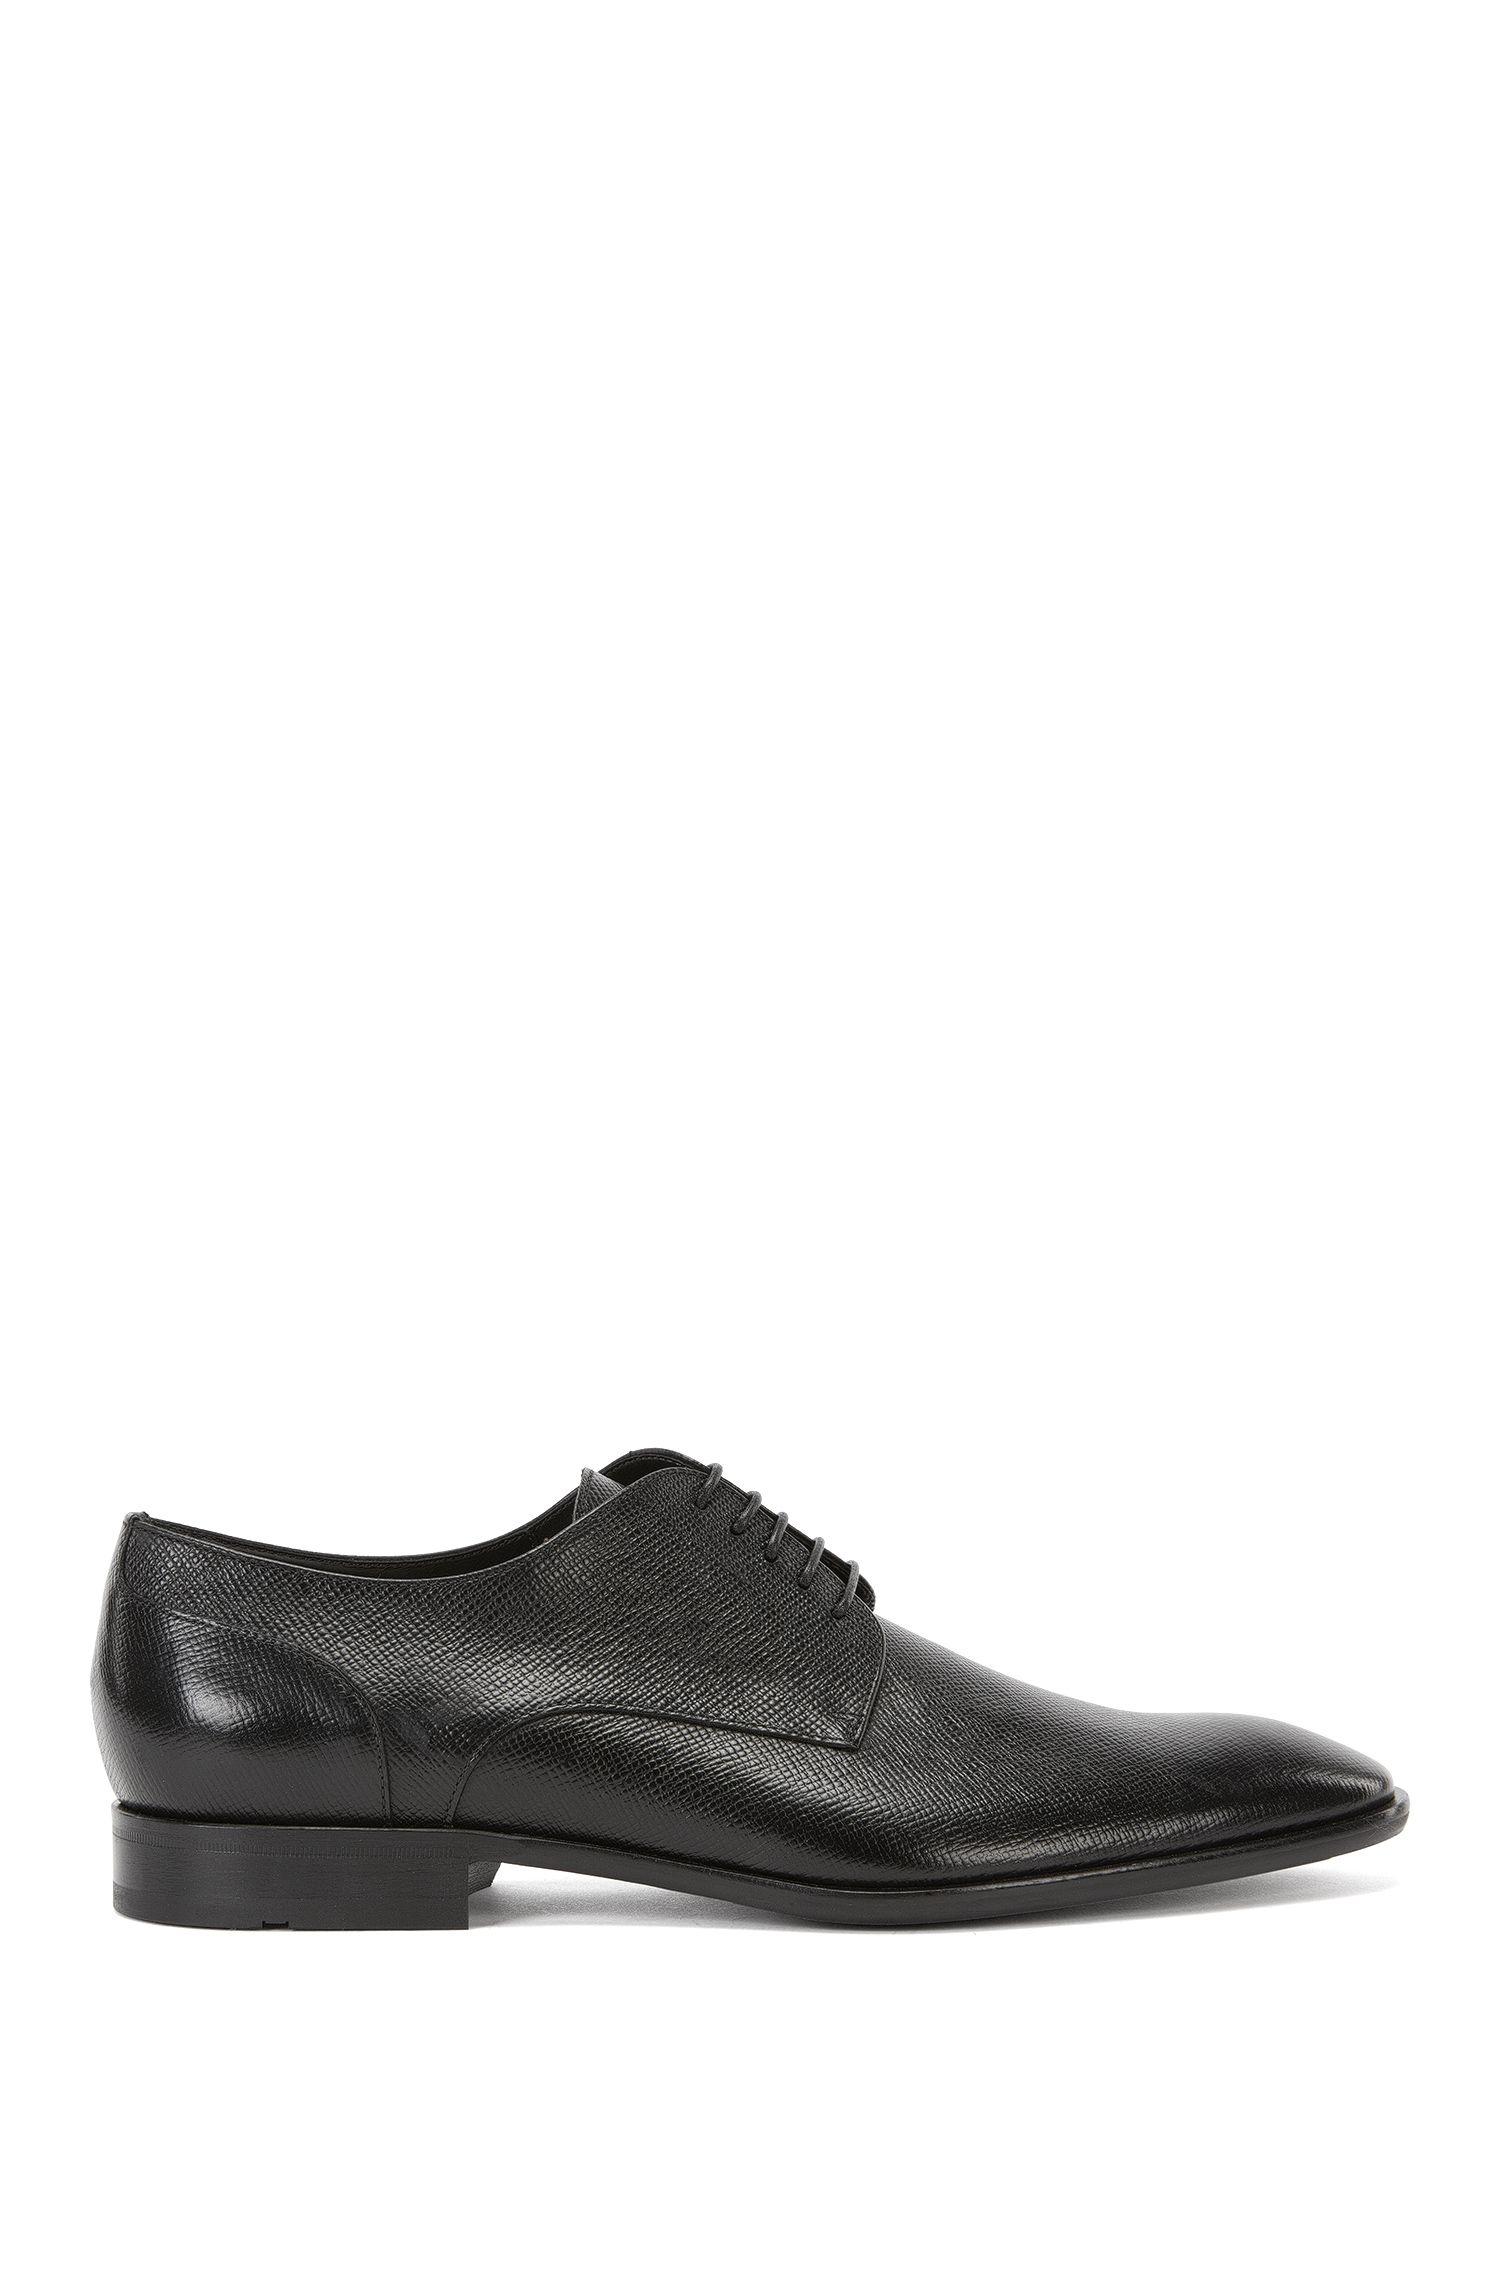 Chaussures derby avec tiges imprimées en cuir